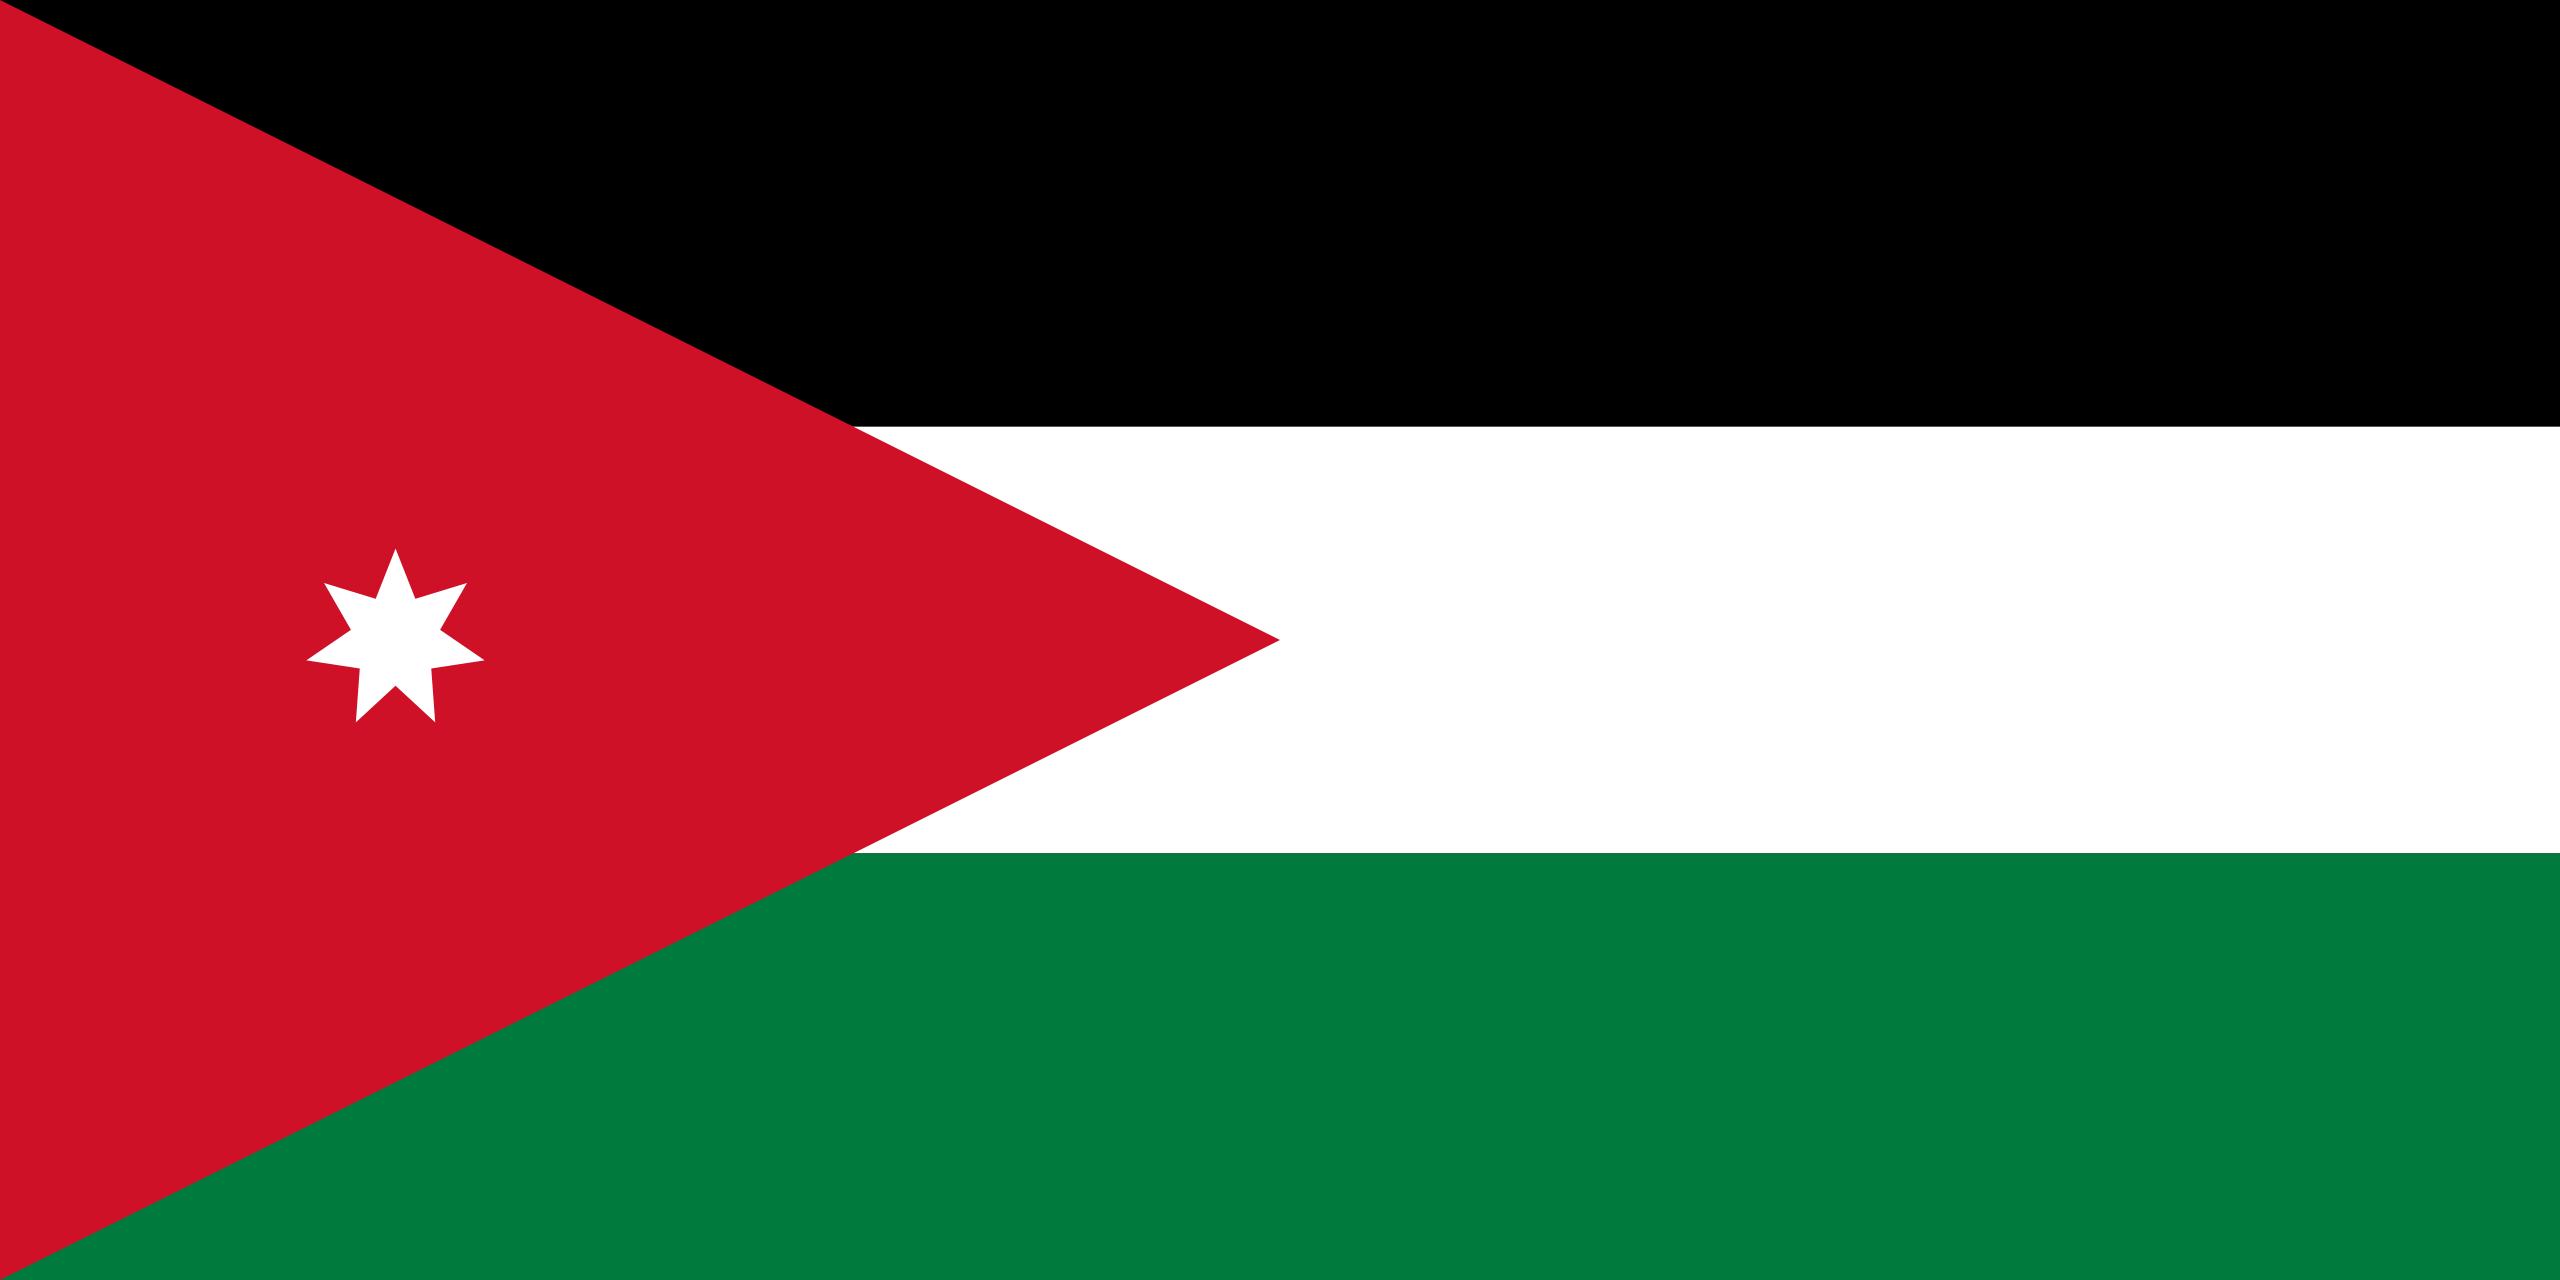 jordania, 国家, 会徽, 徽标, 符号 - 高清壁纸 - 教授-falken.com